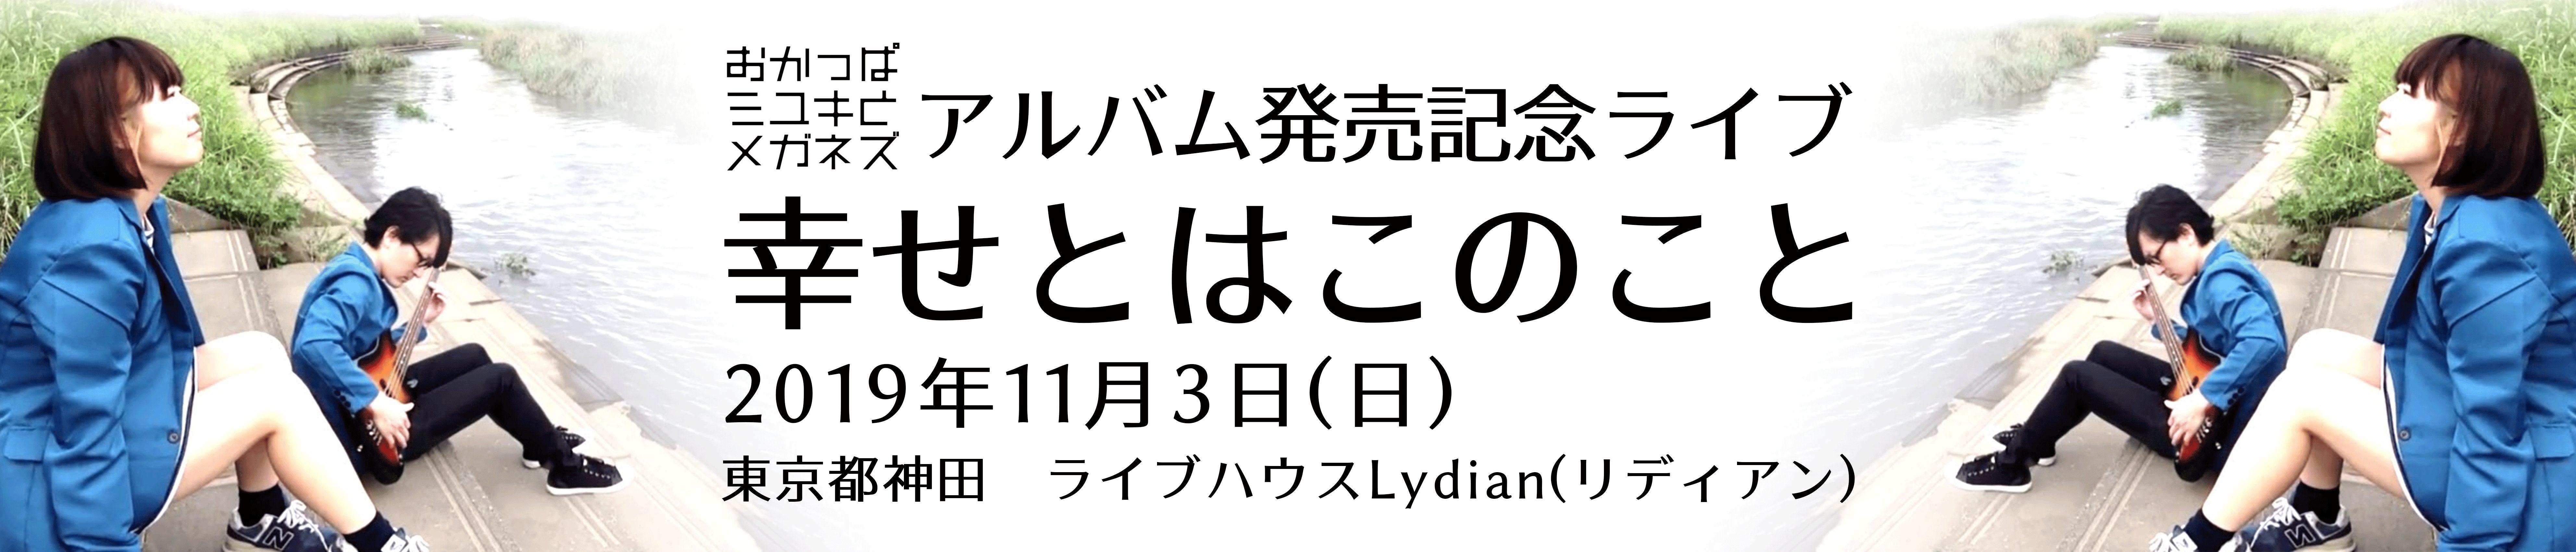 アルバム発売記念ライブ